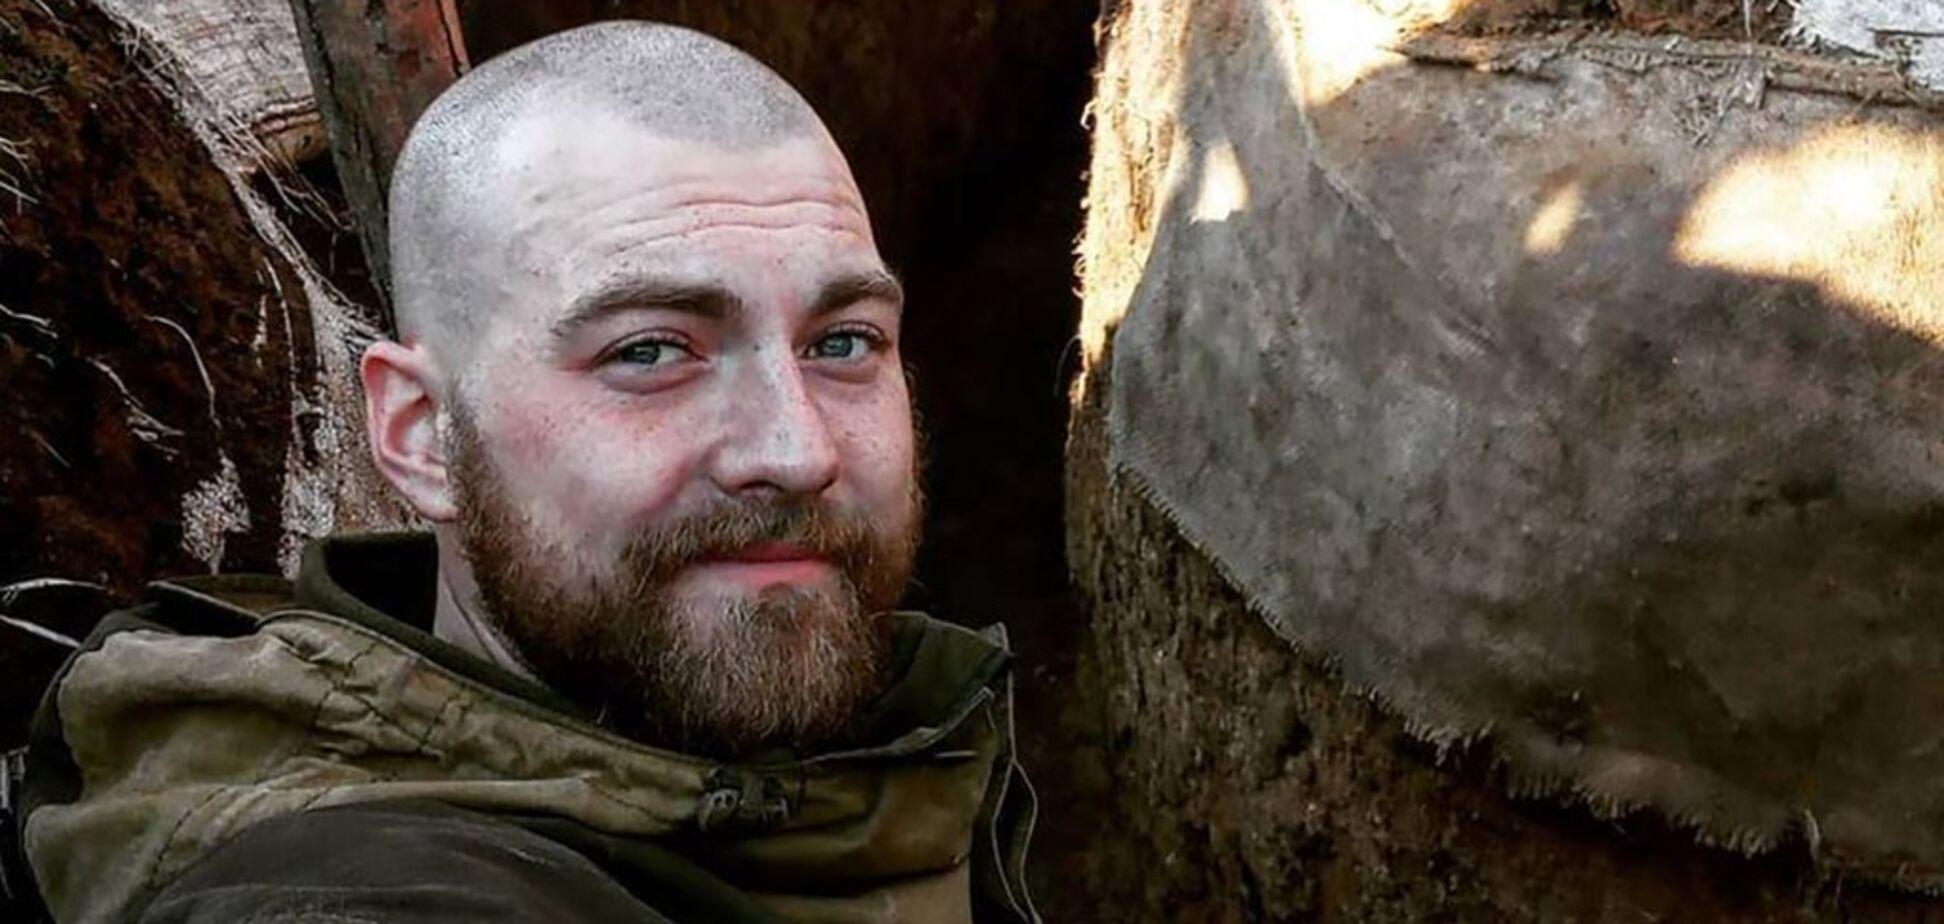 'Кожа просто слезала': пленный воин рассказал о пытках после Иловайского котла